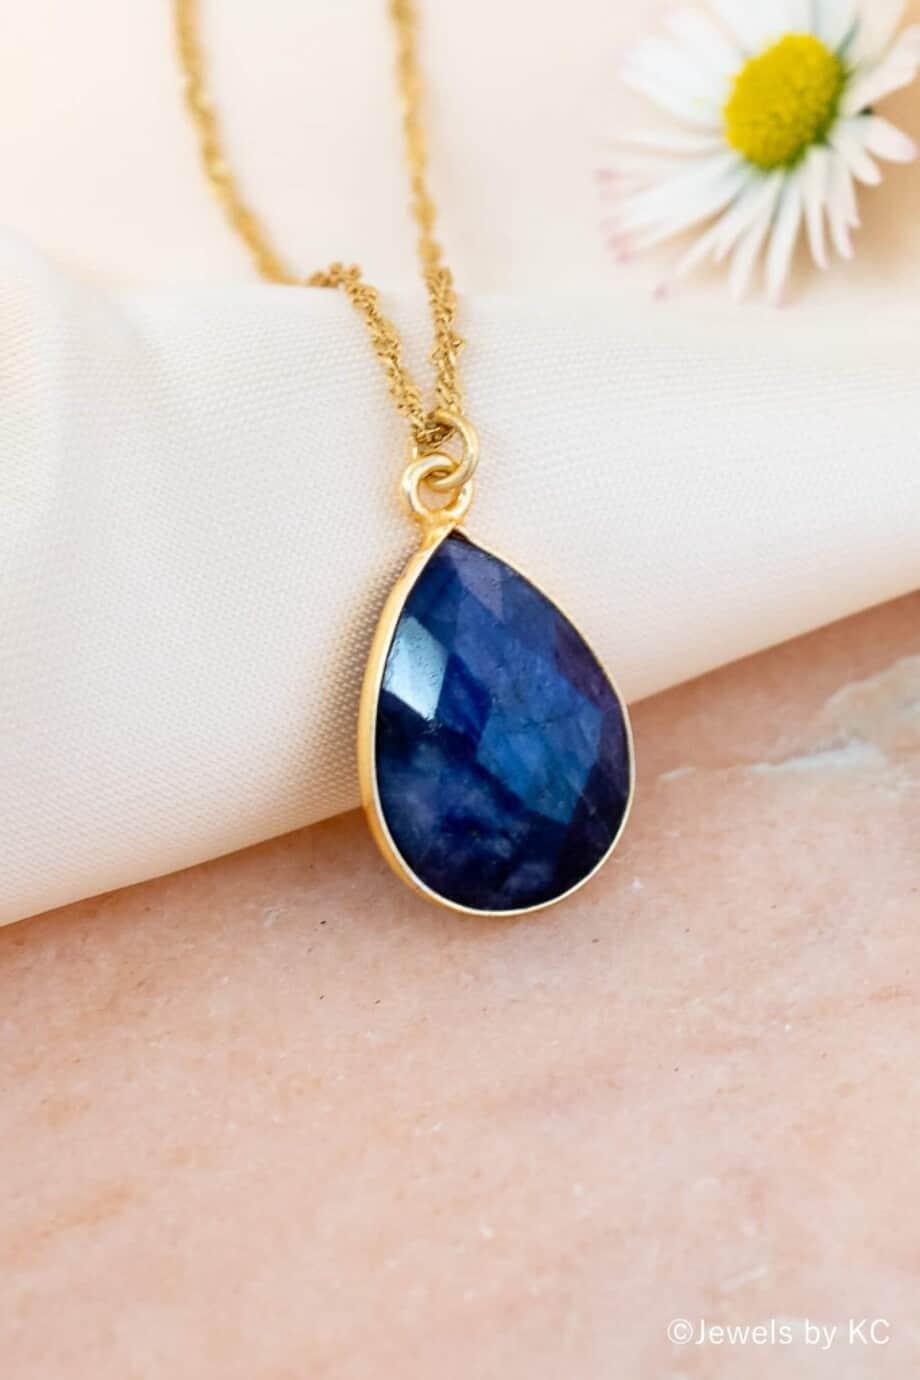 Handgemaakte Gouden Ketting met blauwe edelsteen hanger 'Blauwe saffier' van Goud op Zilver. Handgemaakte edelsteen sieraden van Jewels by KC.